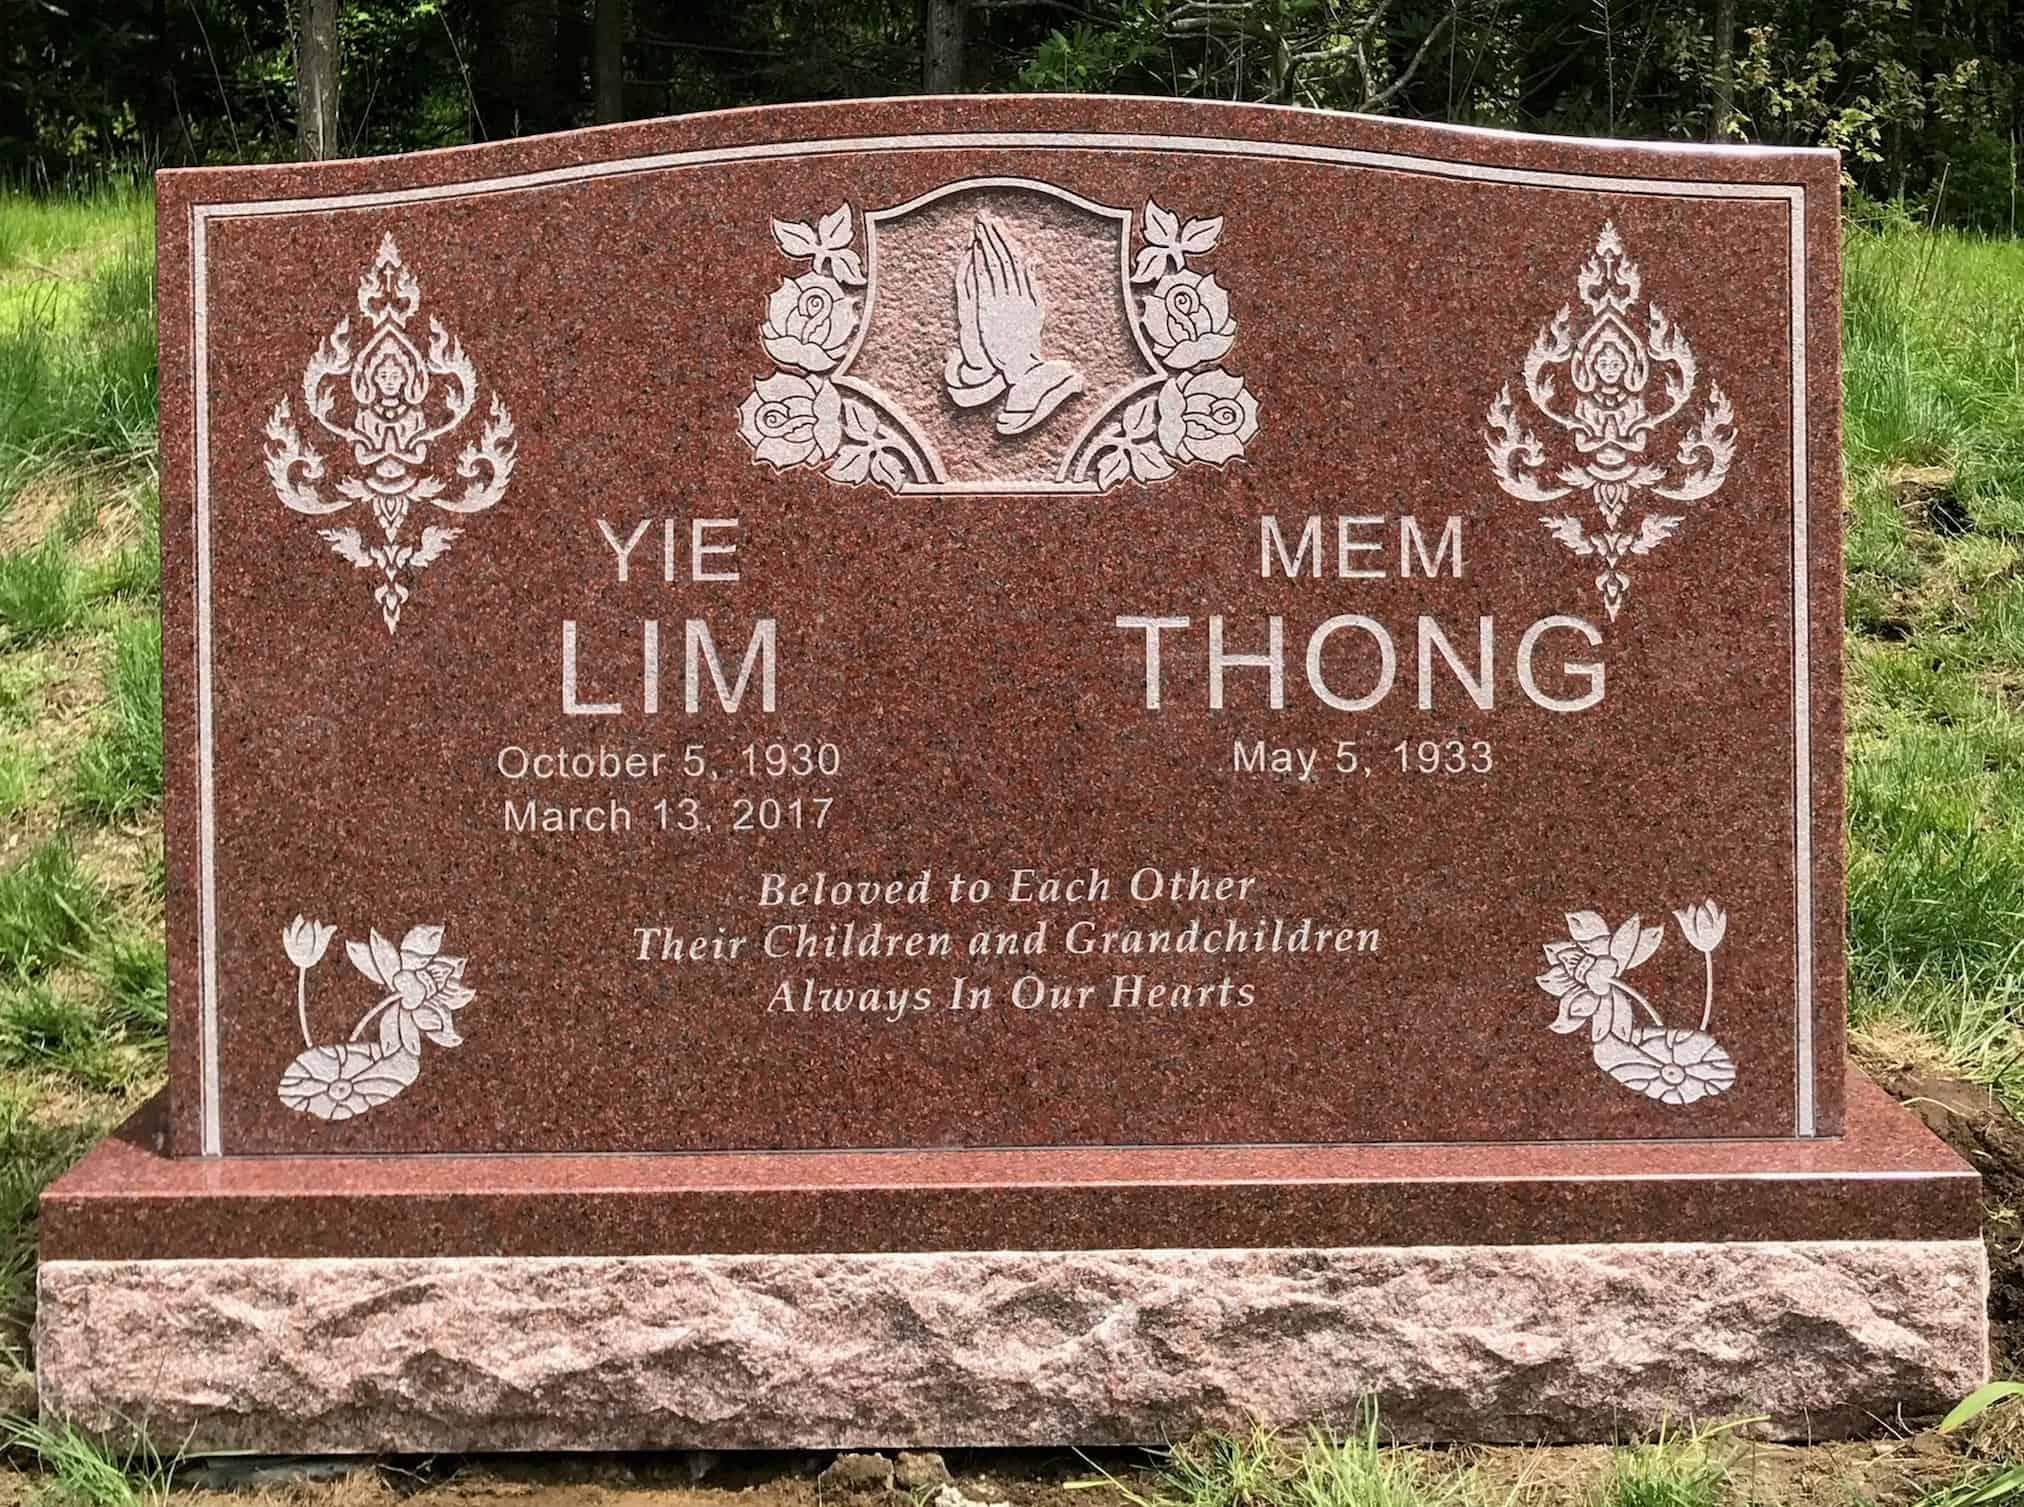 yie-lim-set